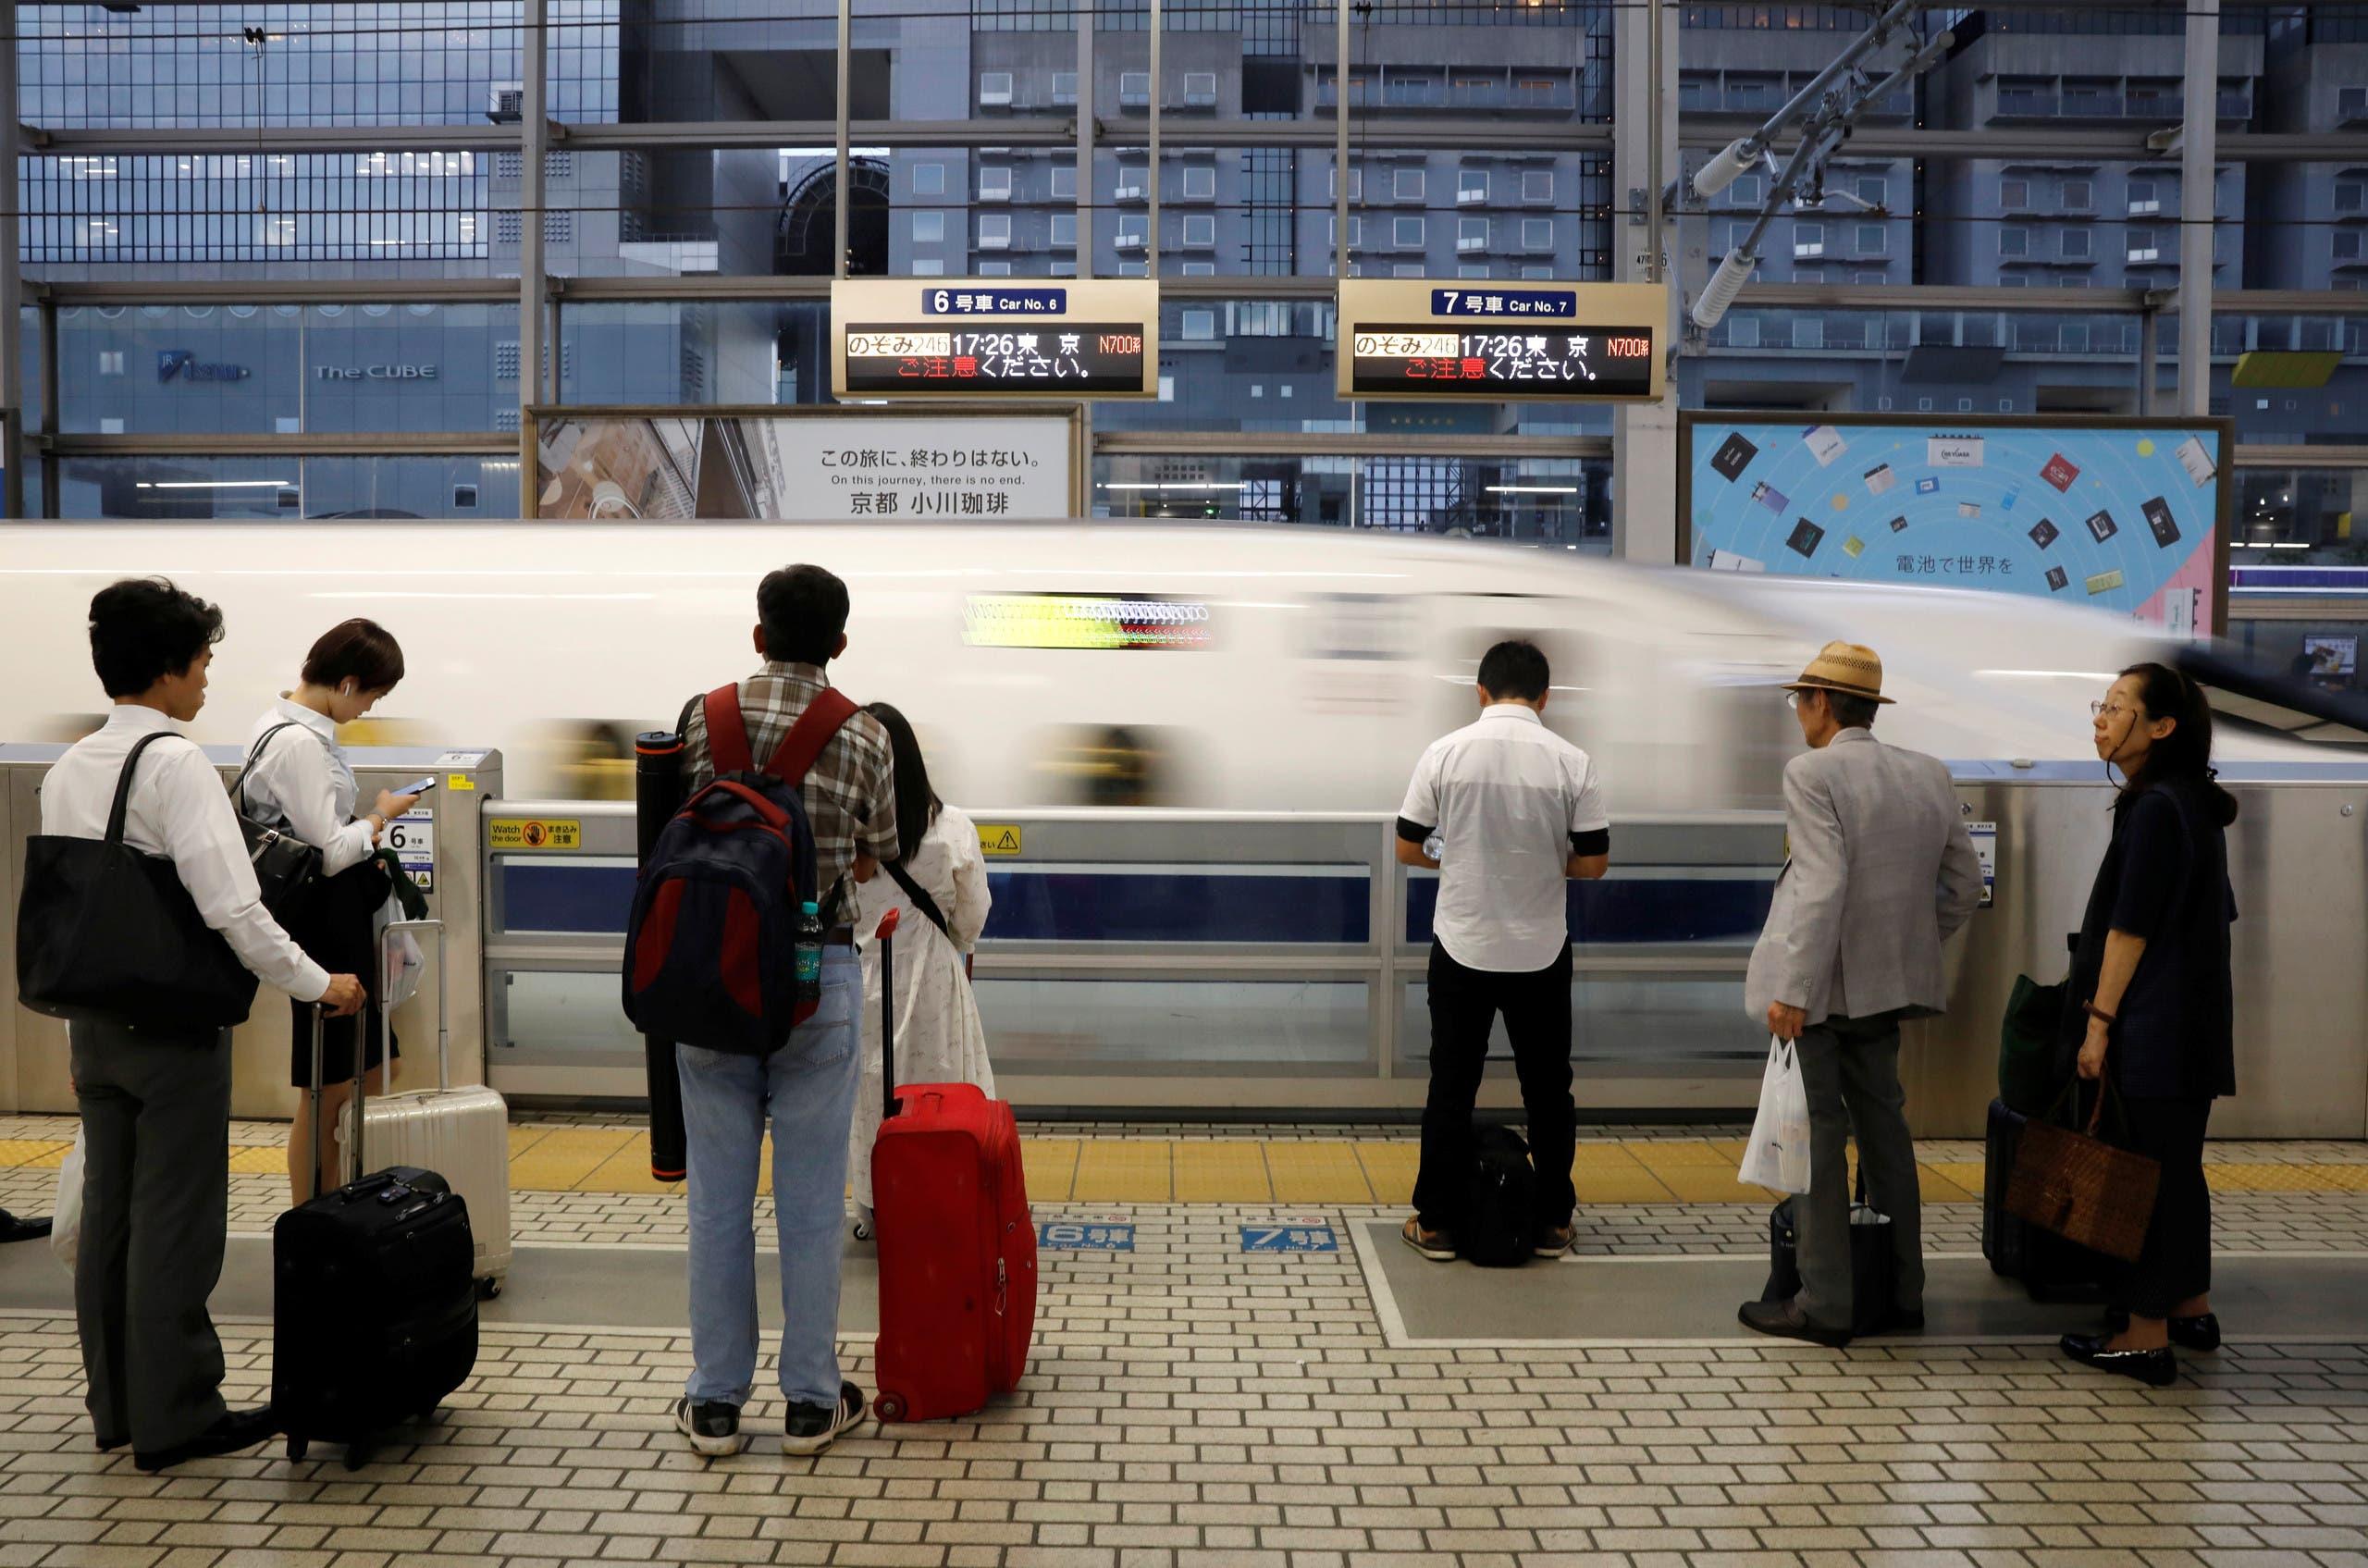 """مسافرون في محطة في كيوتو ينتظرون قطار الـ""""شينكانسن"""""""